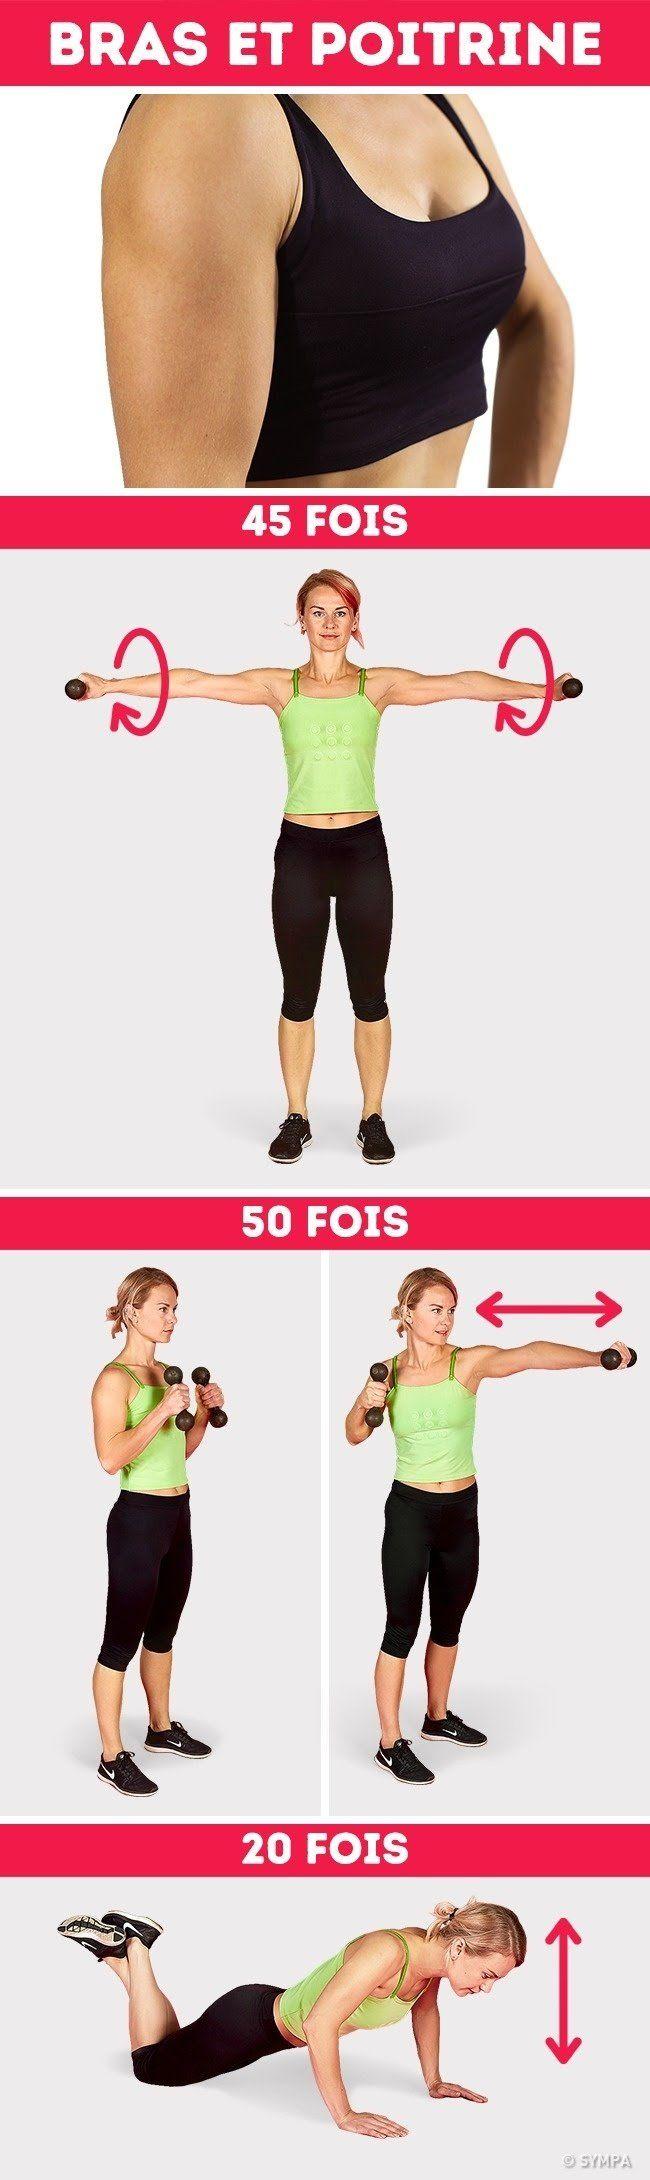 entraînement pour perdre du gras et tonifier